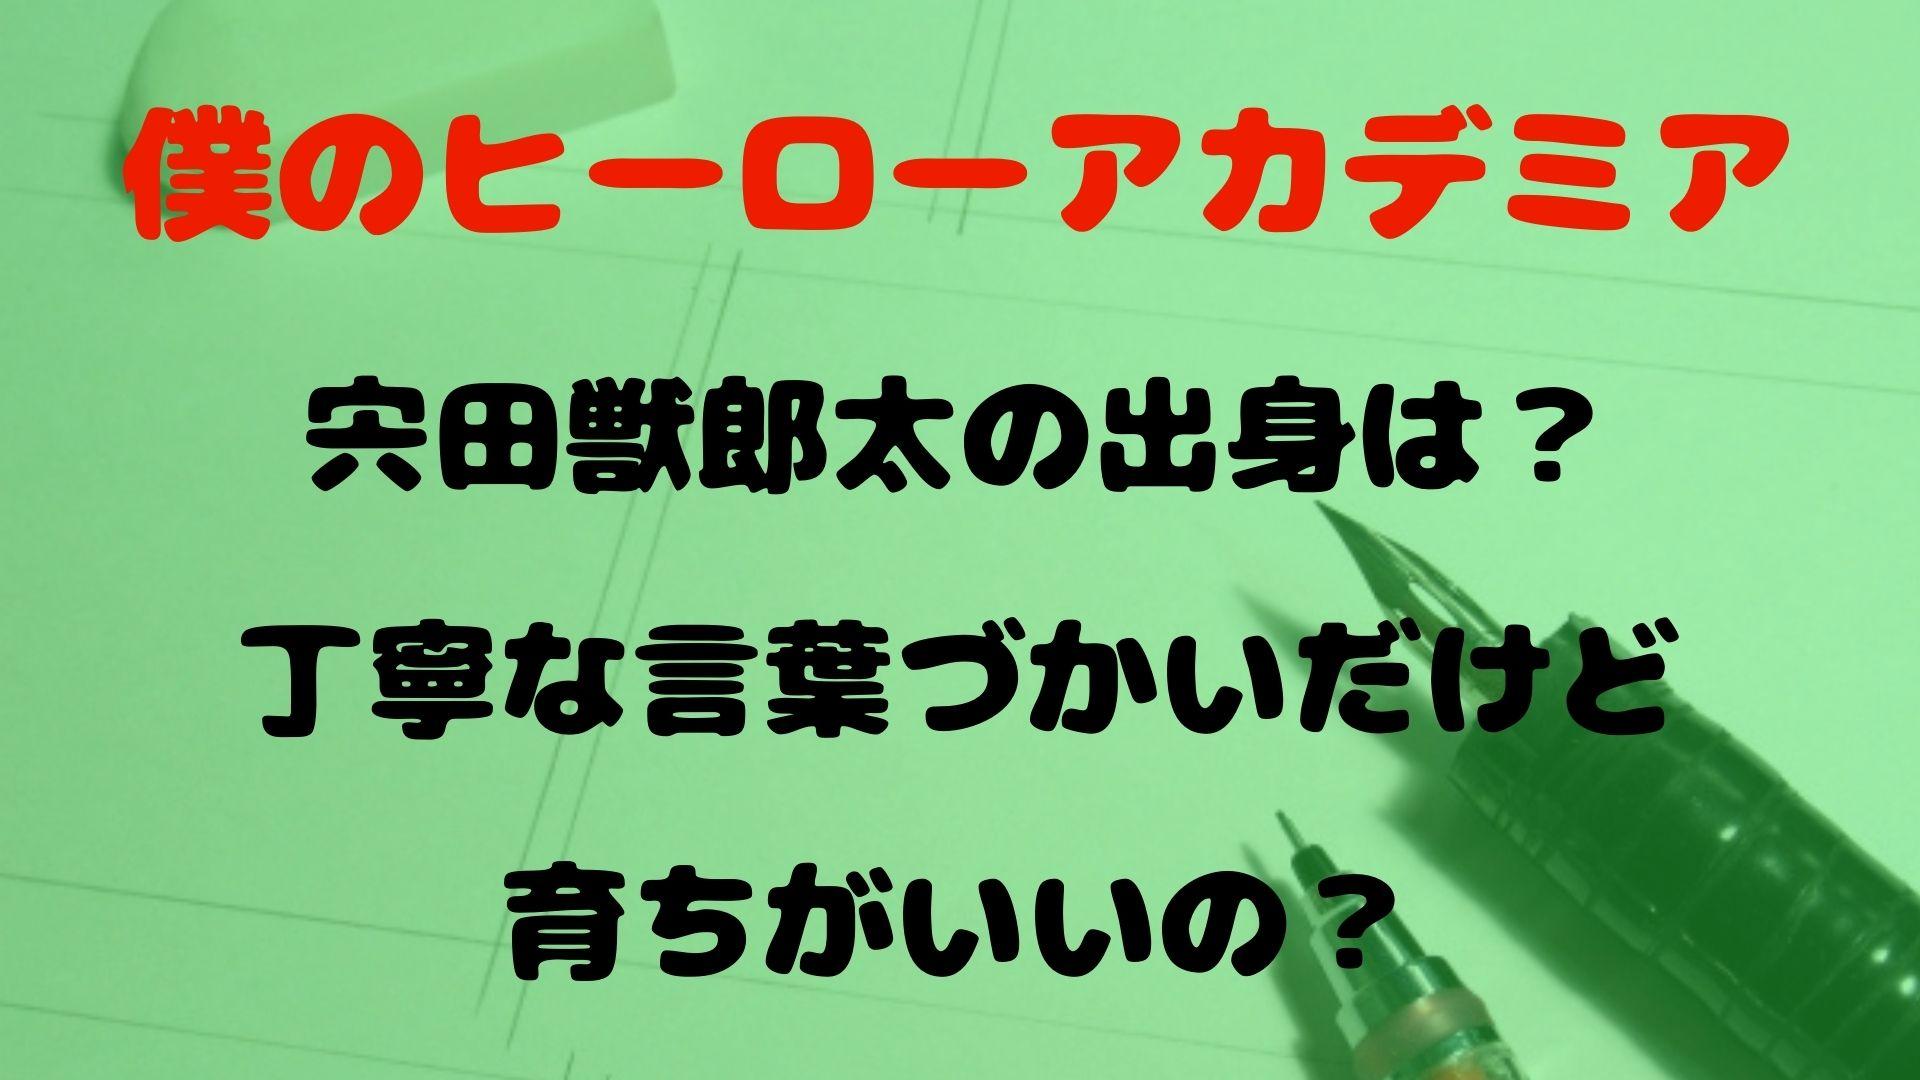 【ヒロアカ】宍田獣郎太の出身は?丁寧な言葉づかいだけど育ちがいいの?